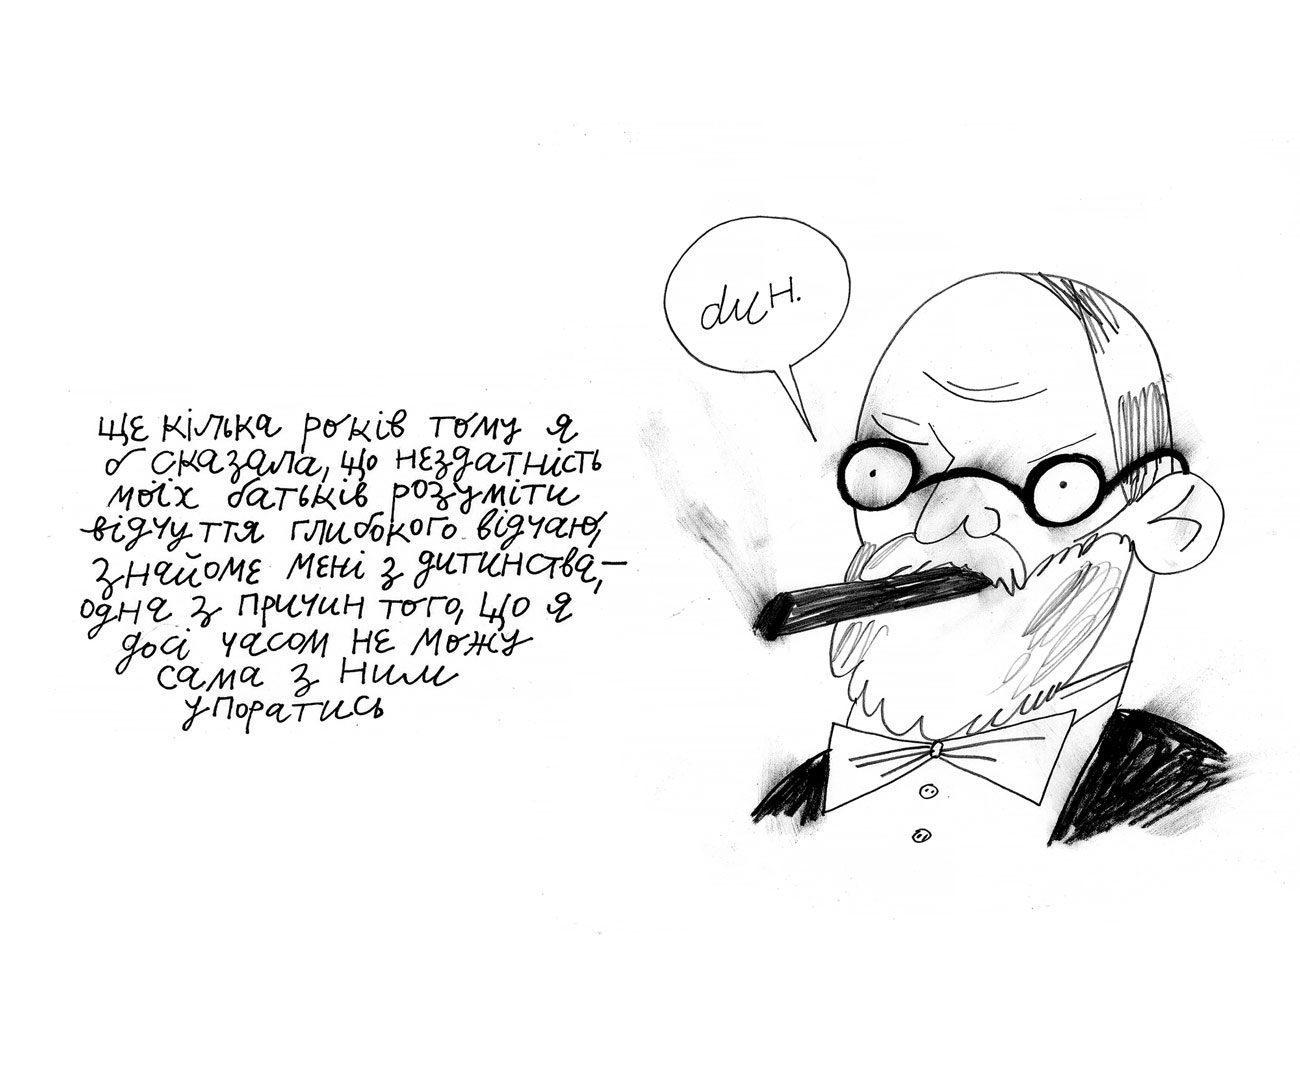 comics oliynik 10 - <b>Вам дісталася сумна дитина.</b> Комікс Жені Олійник про те, як депресія впливає на стосунки - Заборона